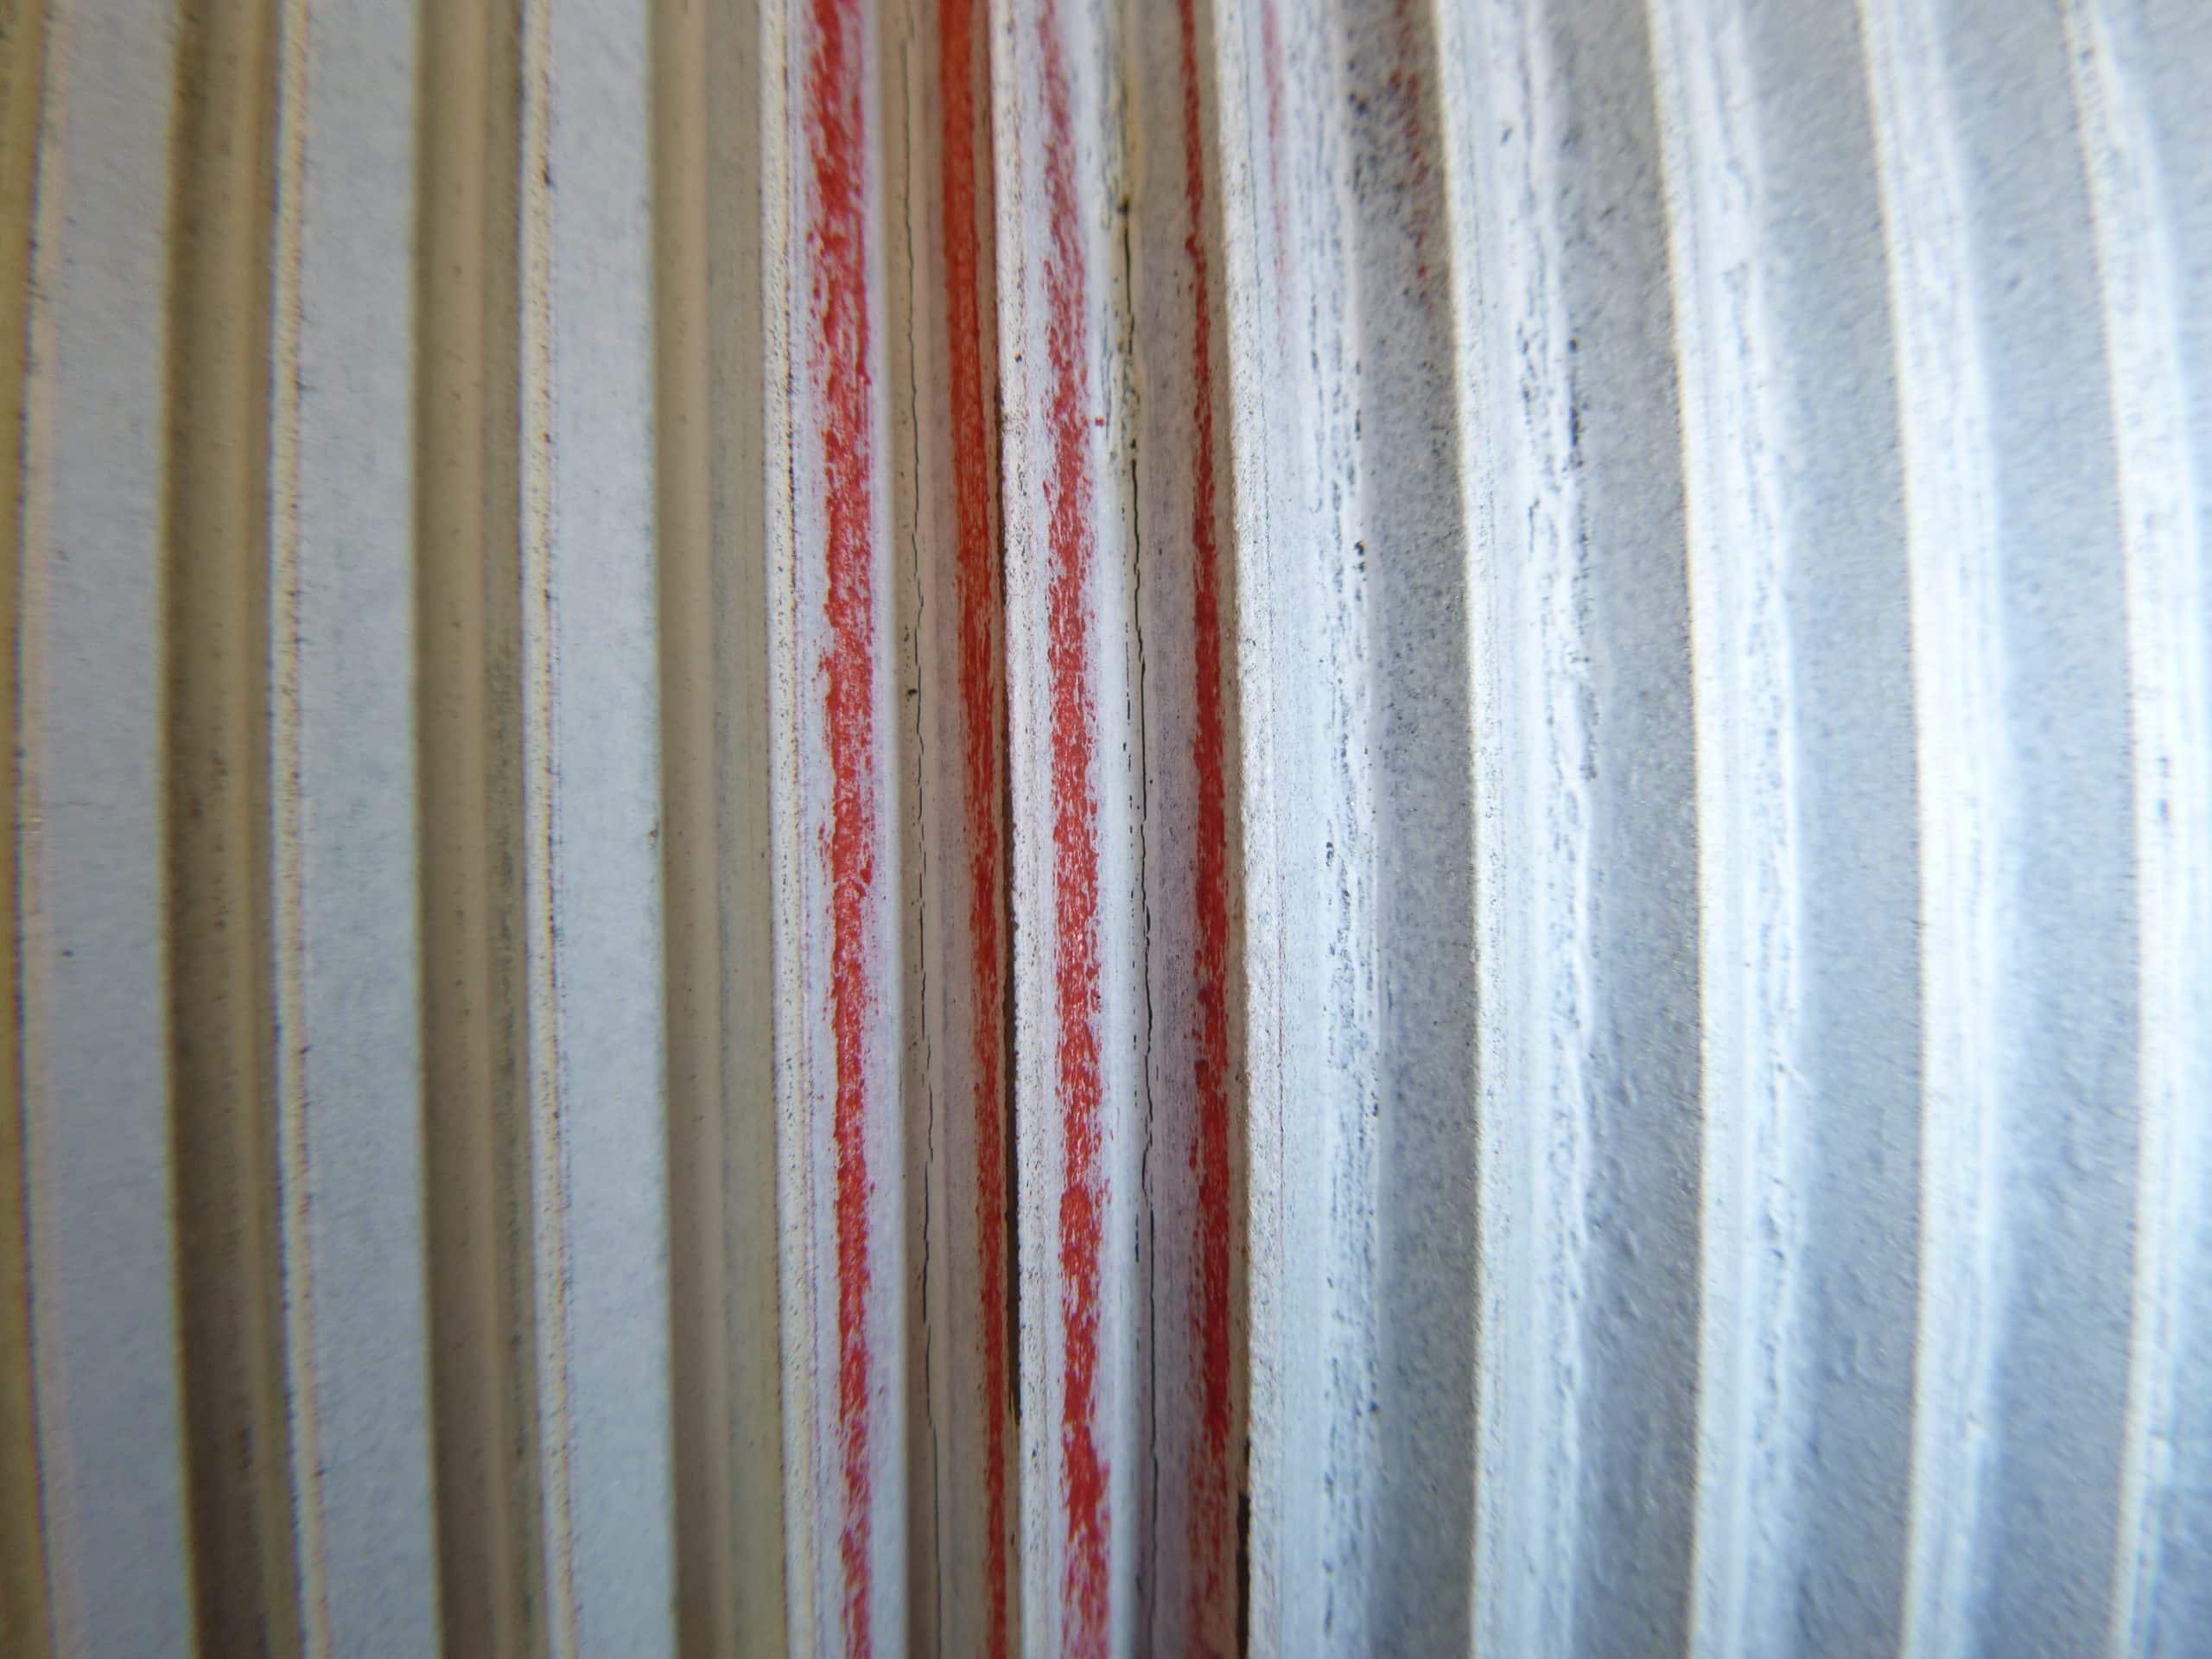 Cracked rod end thread